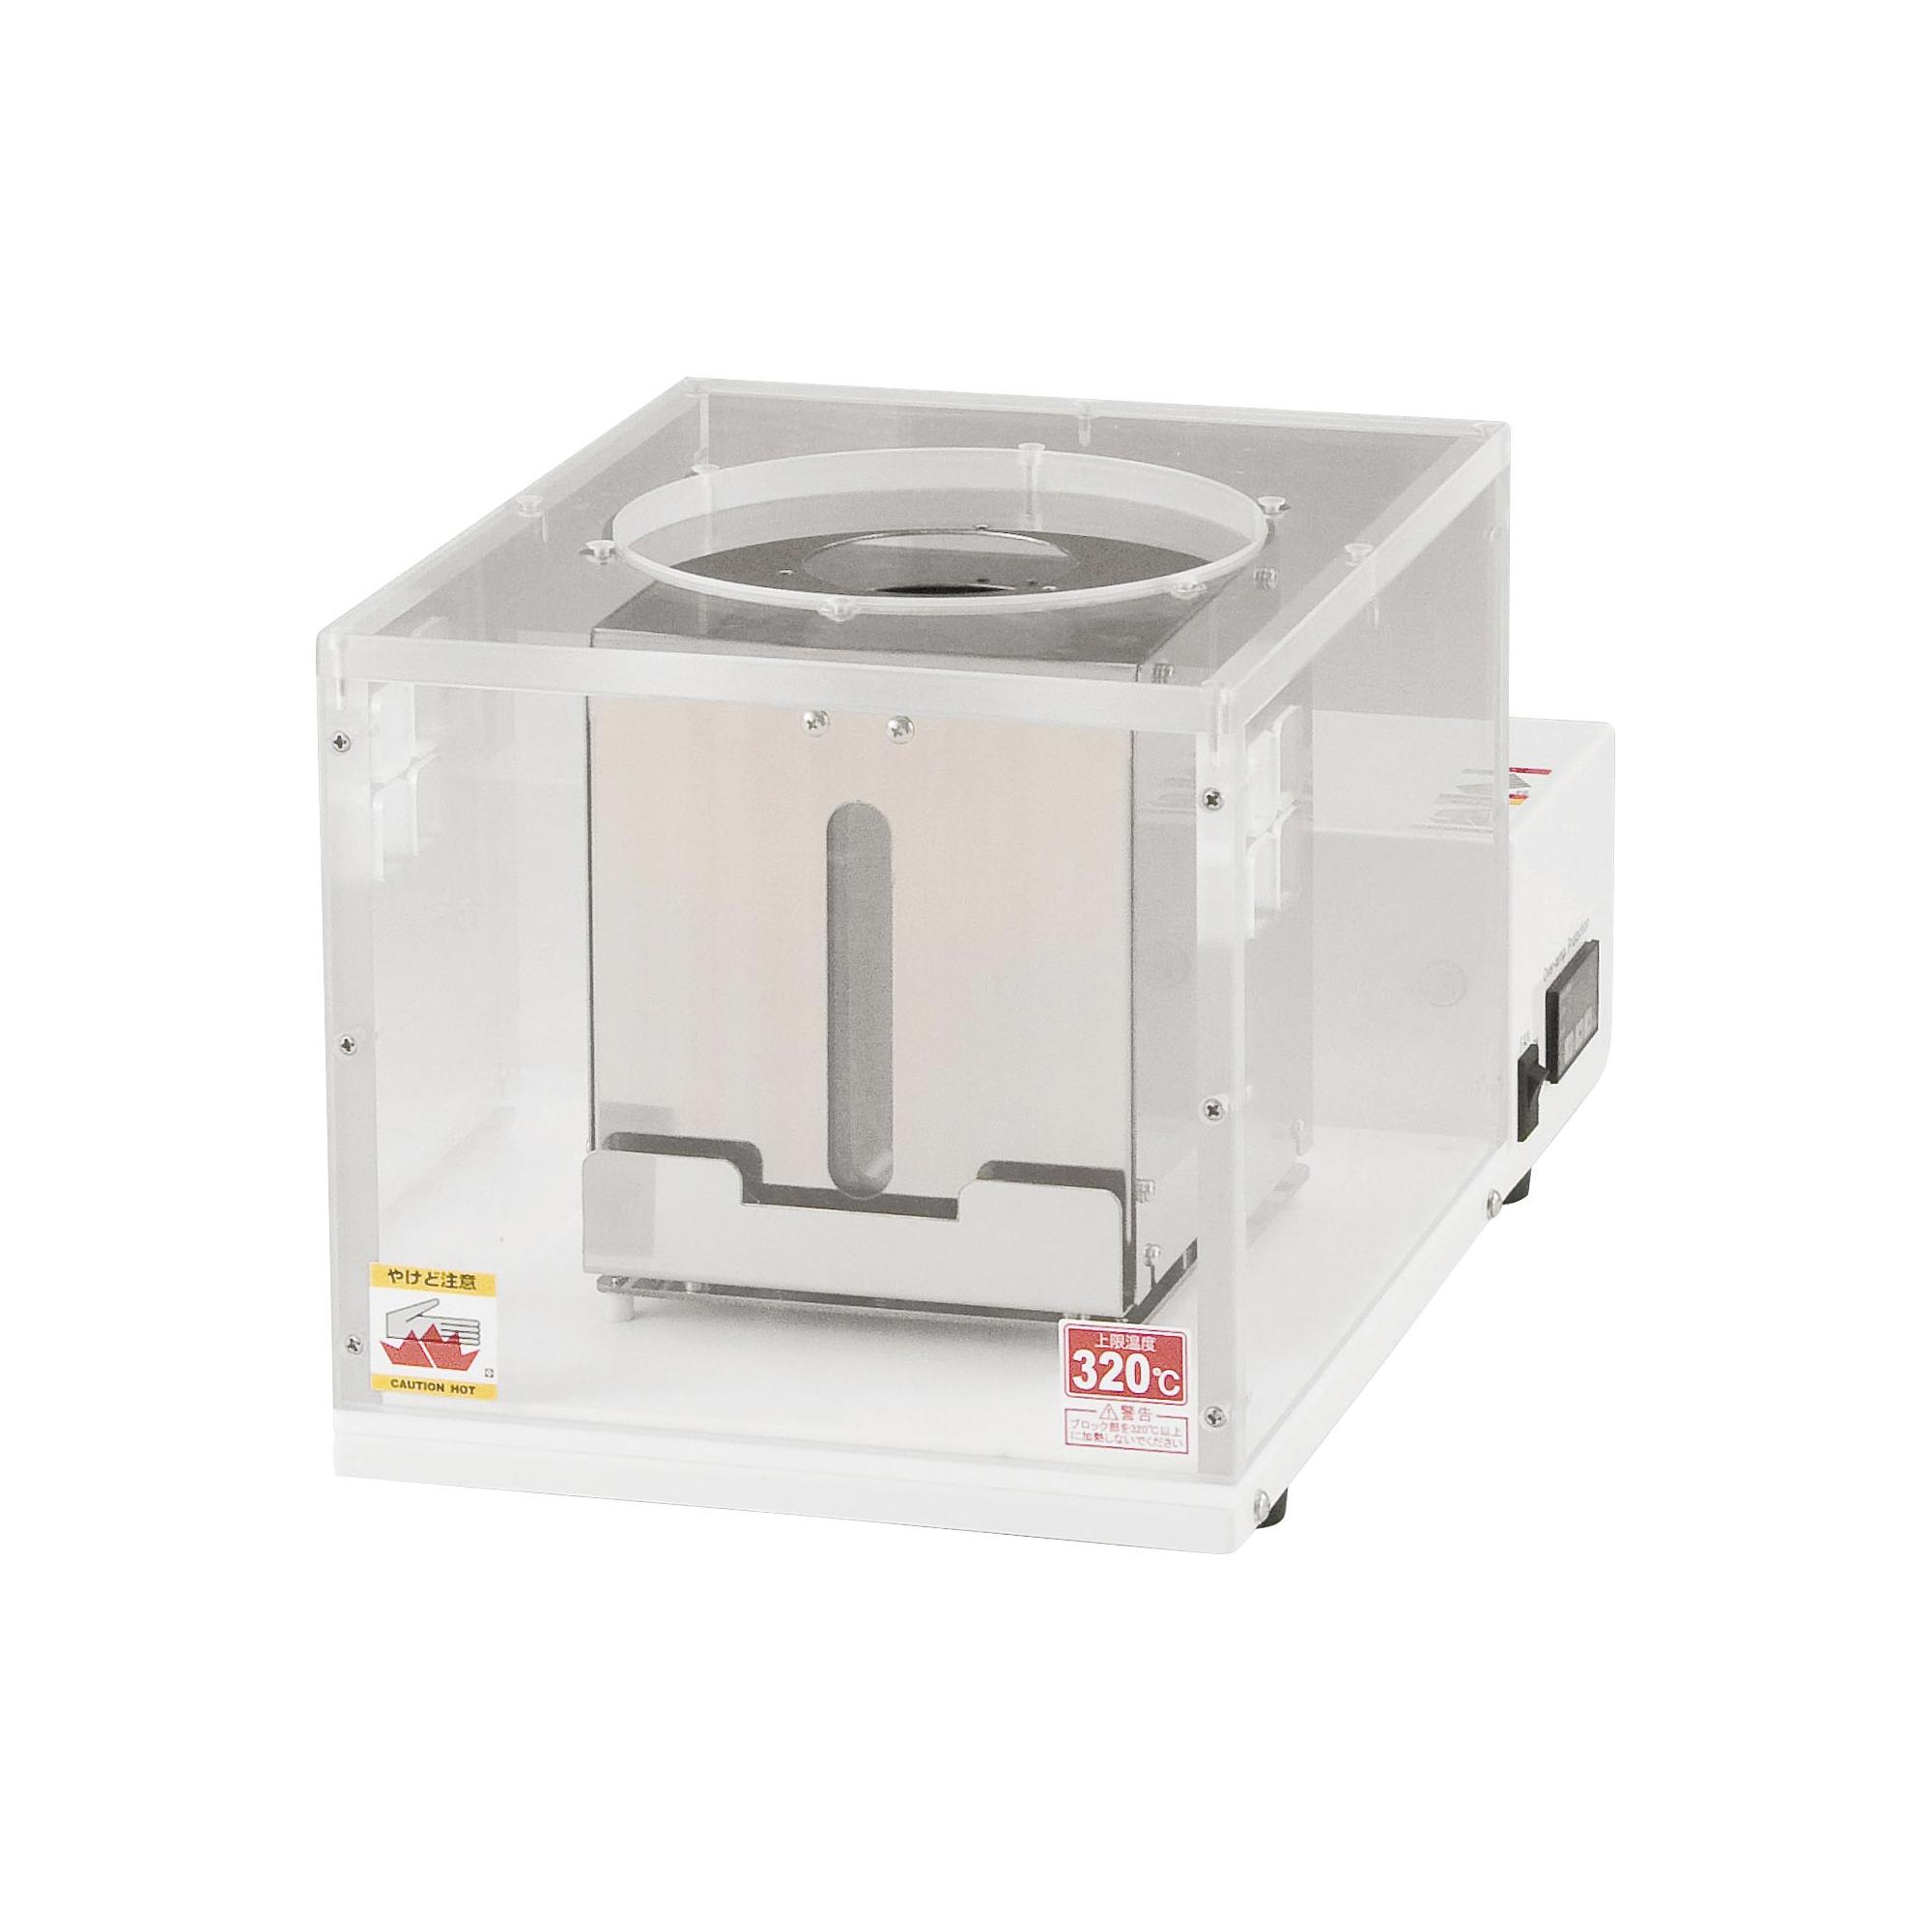 054300-3500 合成・反応装置 ケミストプラザCP-300用 300℃ 加熱ブロック部 200mL 柴田科学(SIBATA)